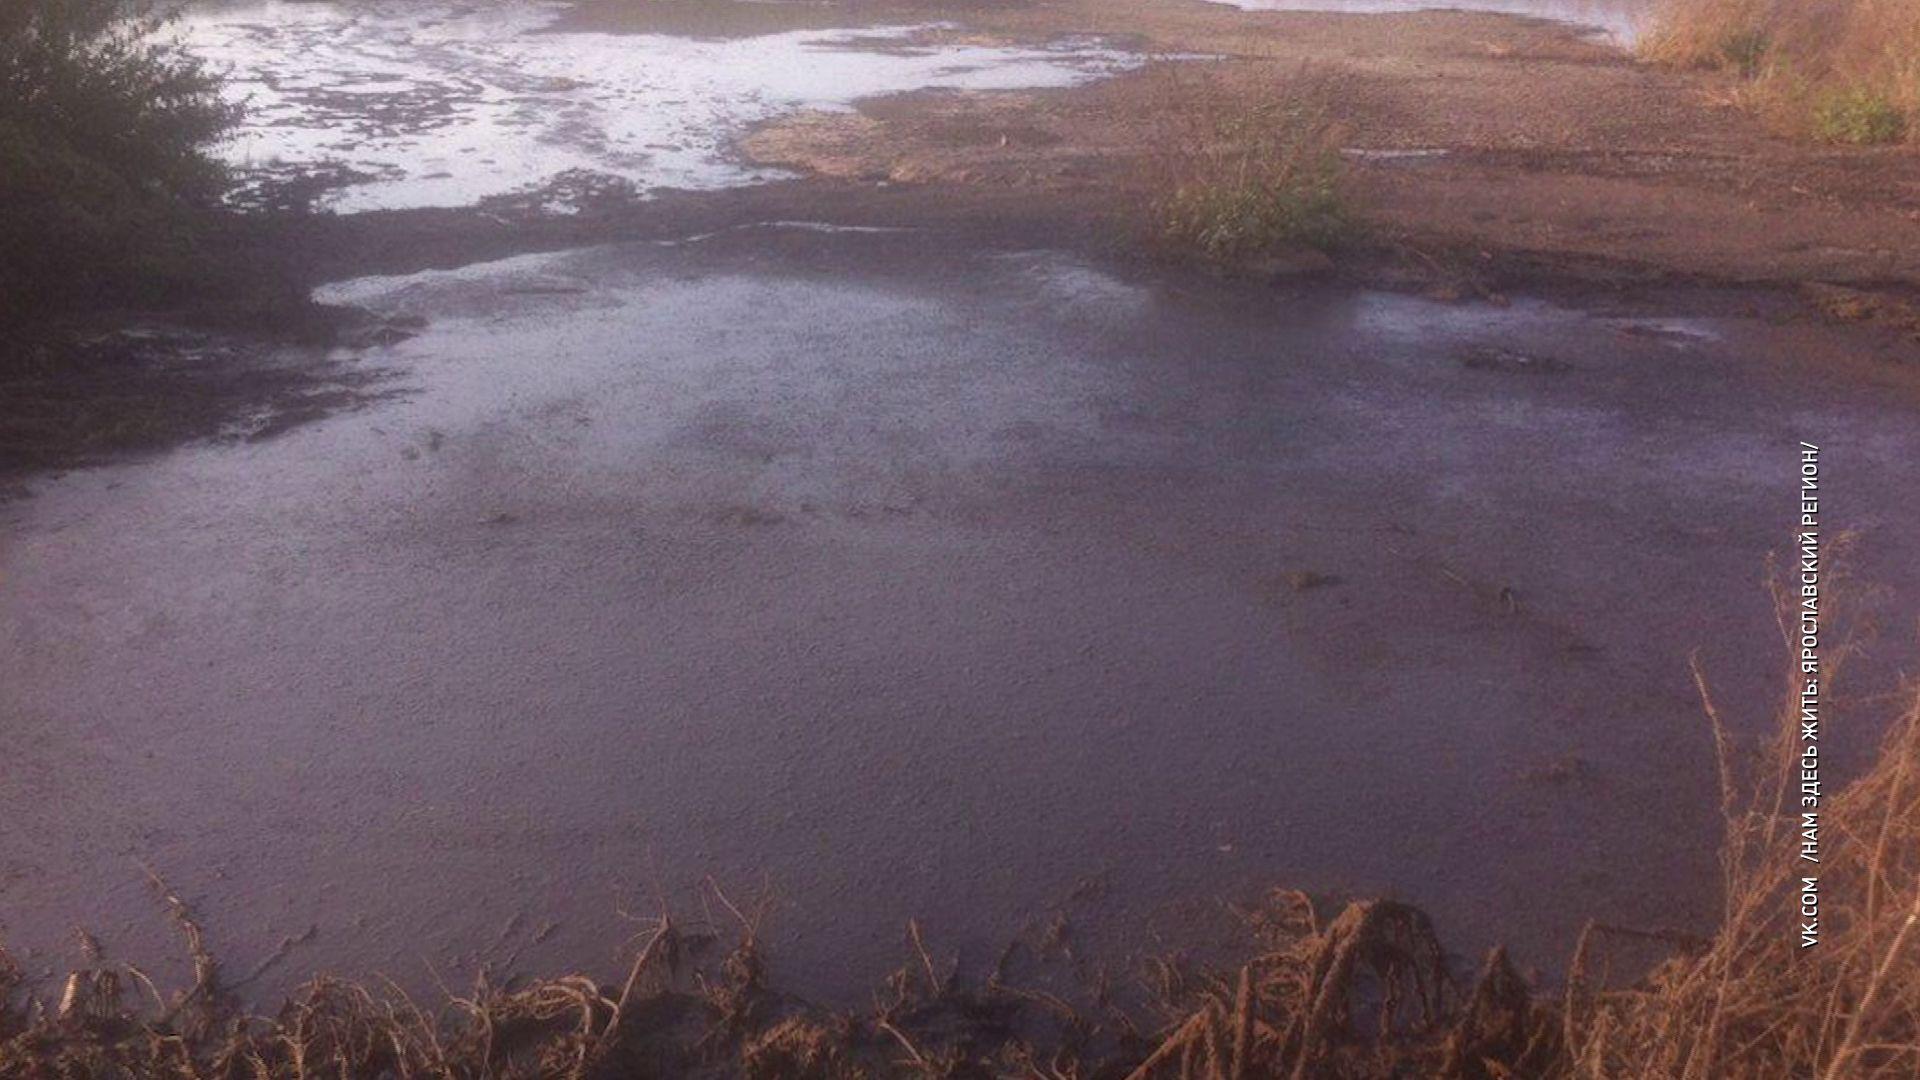 Под селом Медягино люди обнаружили целое поле отходов с фермы